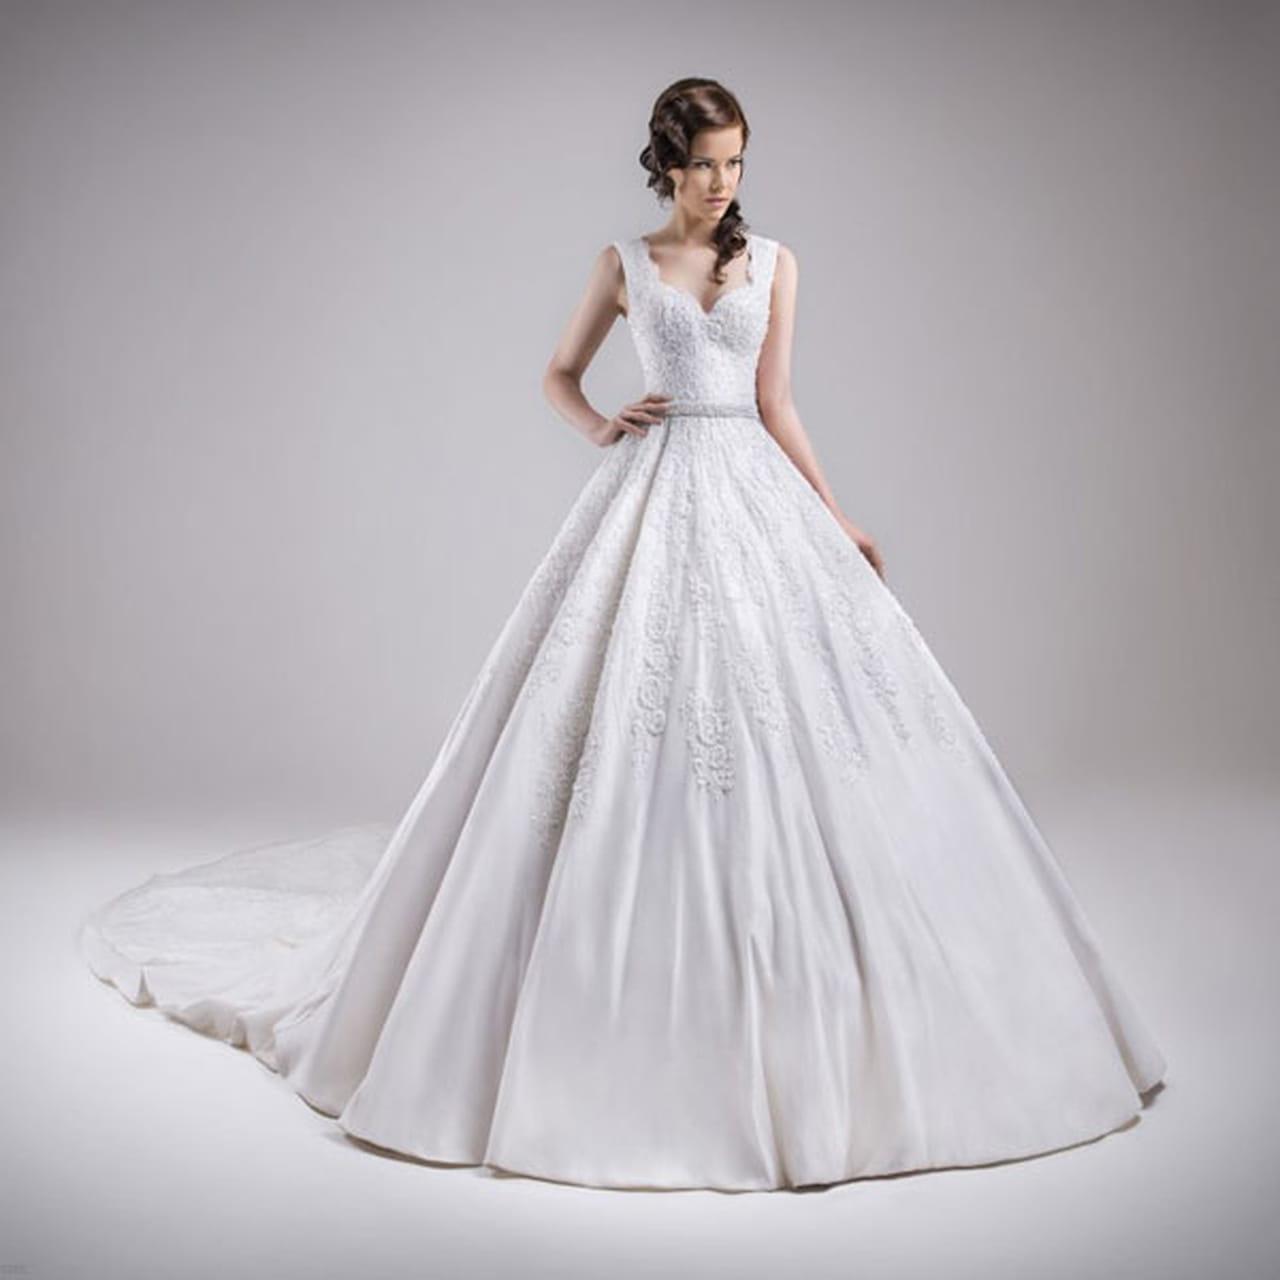 35a751760f6de فساتين زفاف منفوشة 2015 للمصممة كريستل عطاالله